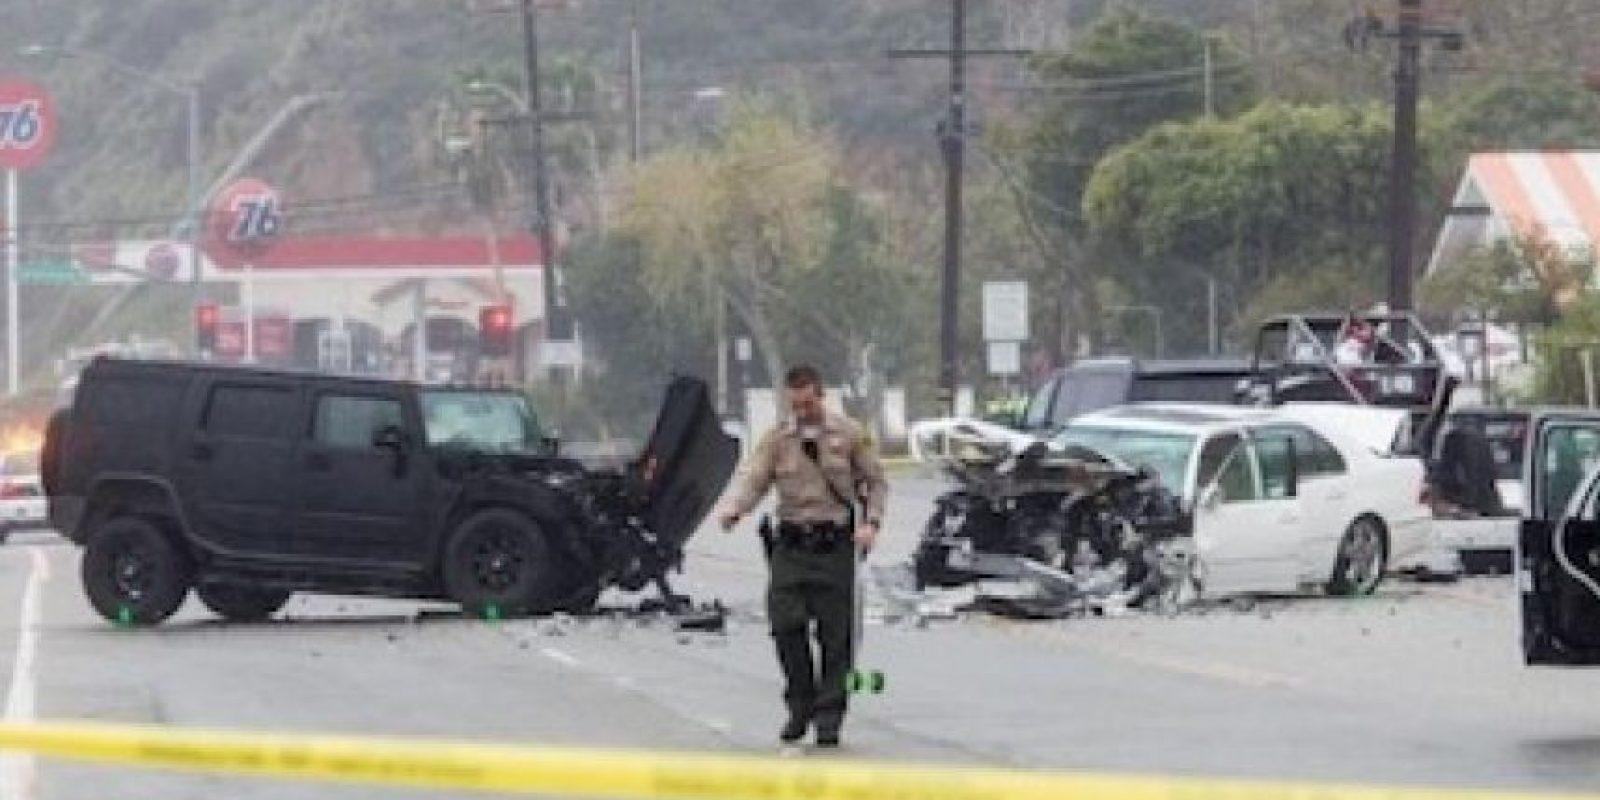 Un total de tres automóviles estuvieron involucrados en el accidente, donde se registraron ocho lesionados y una persona perdió la vida. Foto:Grosby Group